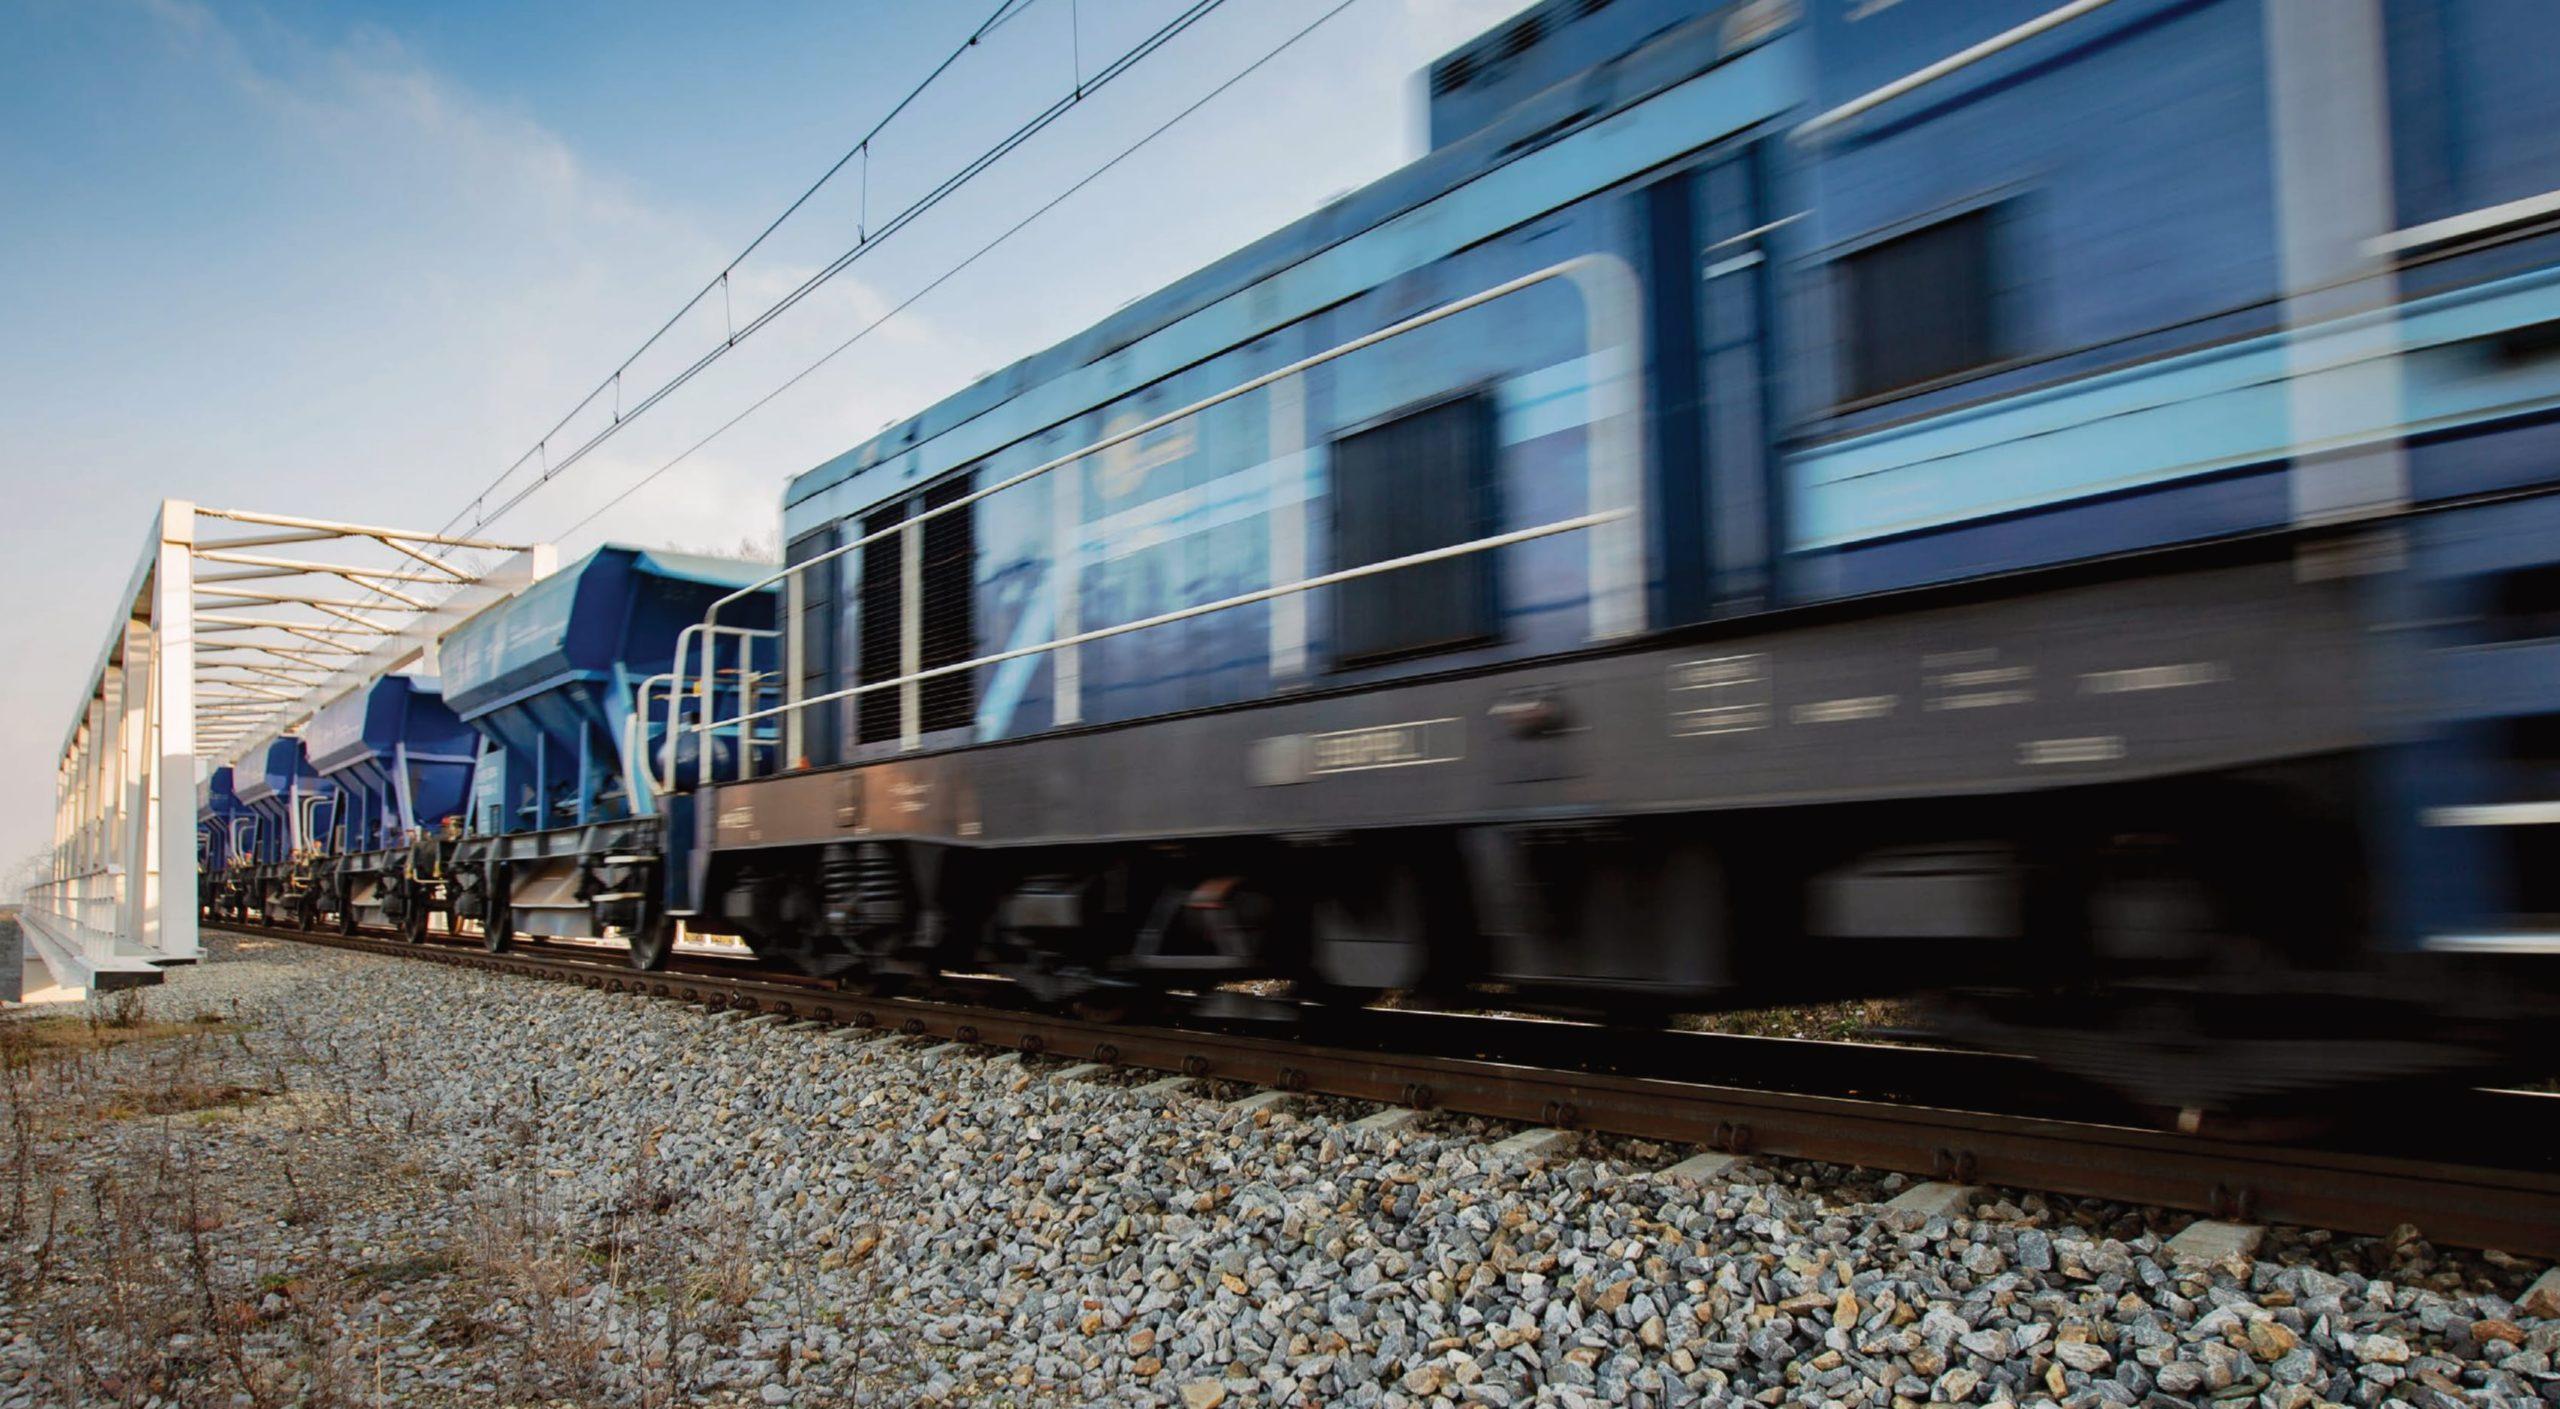 Zdjęcie: rozpędzony pociąg wjeżdża na nowy most kolejowy.